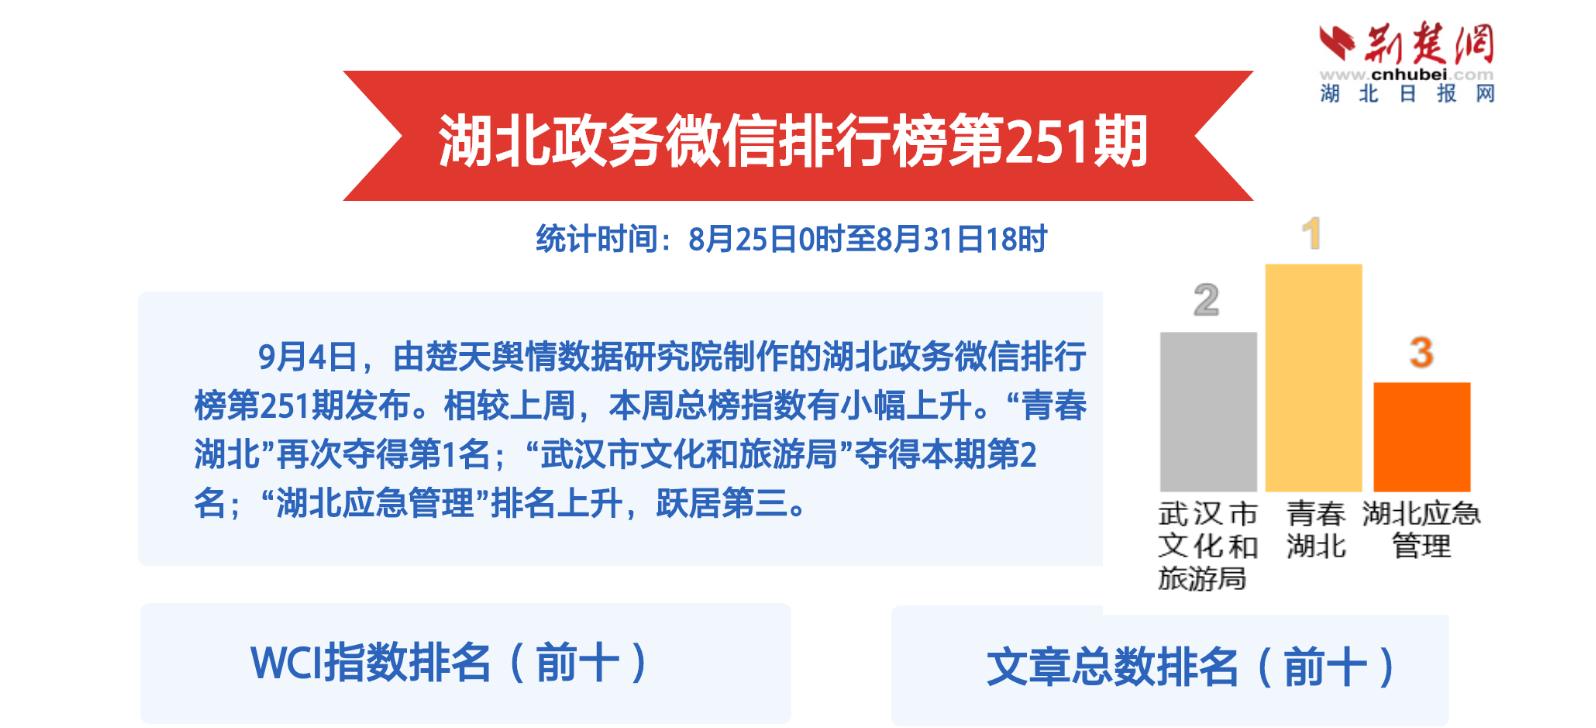 湖北政务微信排行榜第251期  竹山绿松石夺人眼球